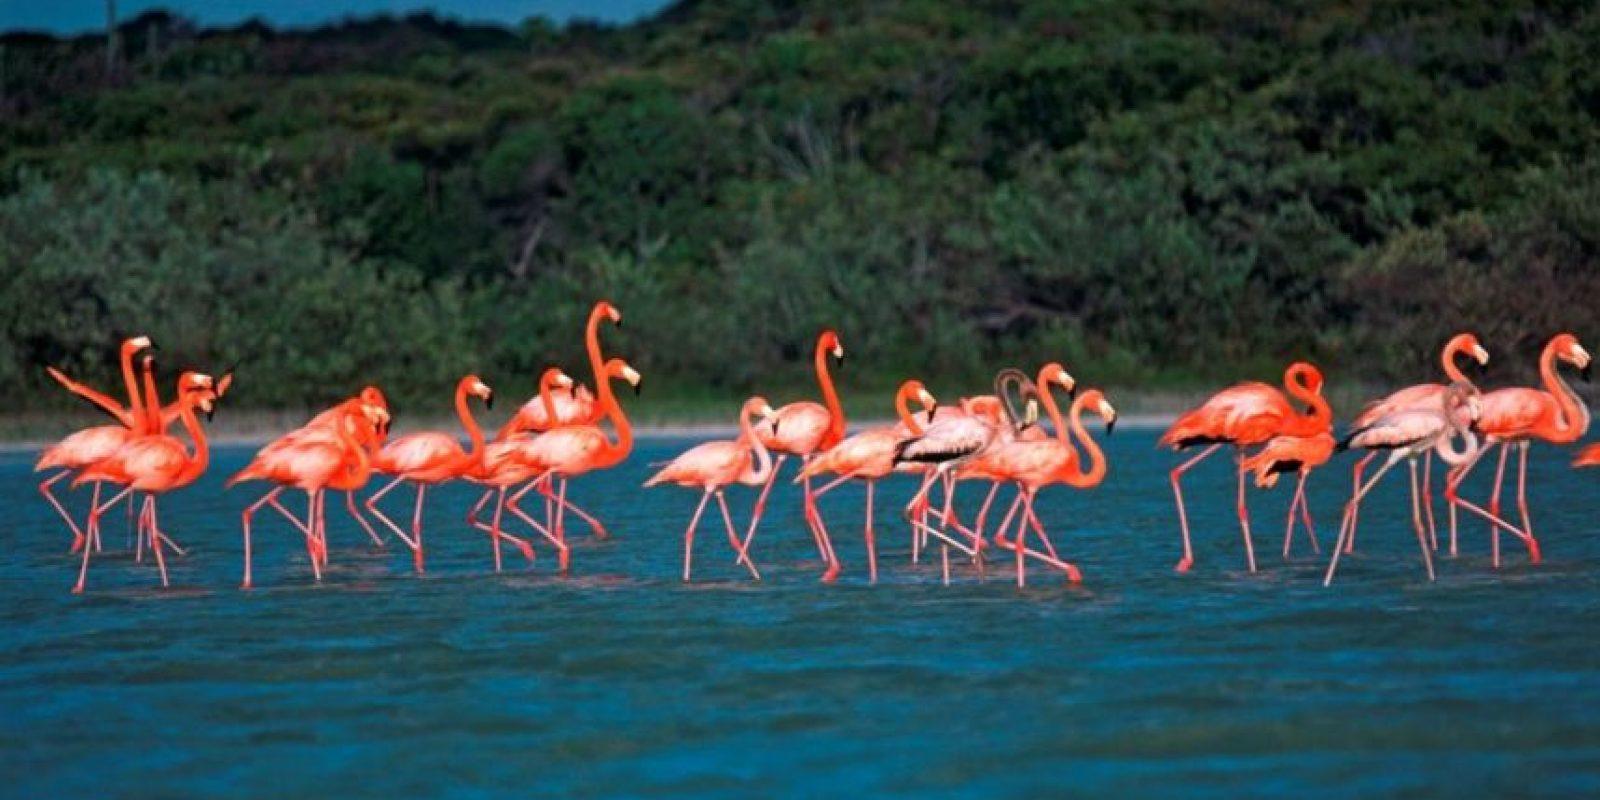 6- Barahona. Es una de las provincias con mayor biodiversidad de la República Dominicana. Dueña de impresionantes panorámicas, una belleza salvaje capaz de robarte el aliento, y refugio de surfistas de todo el mundo. Y no es casualidad, ya que cuenta con varias playas ideales para la práctica de deportes acuáticos extremos. Foto:Fuente Externa